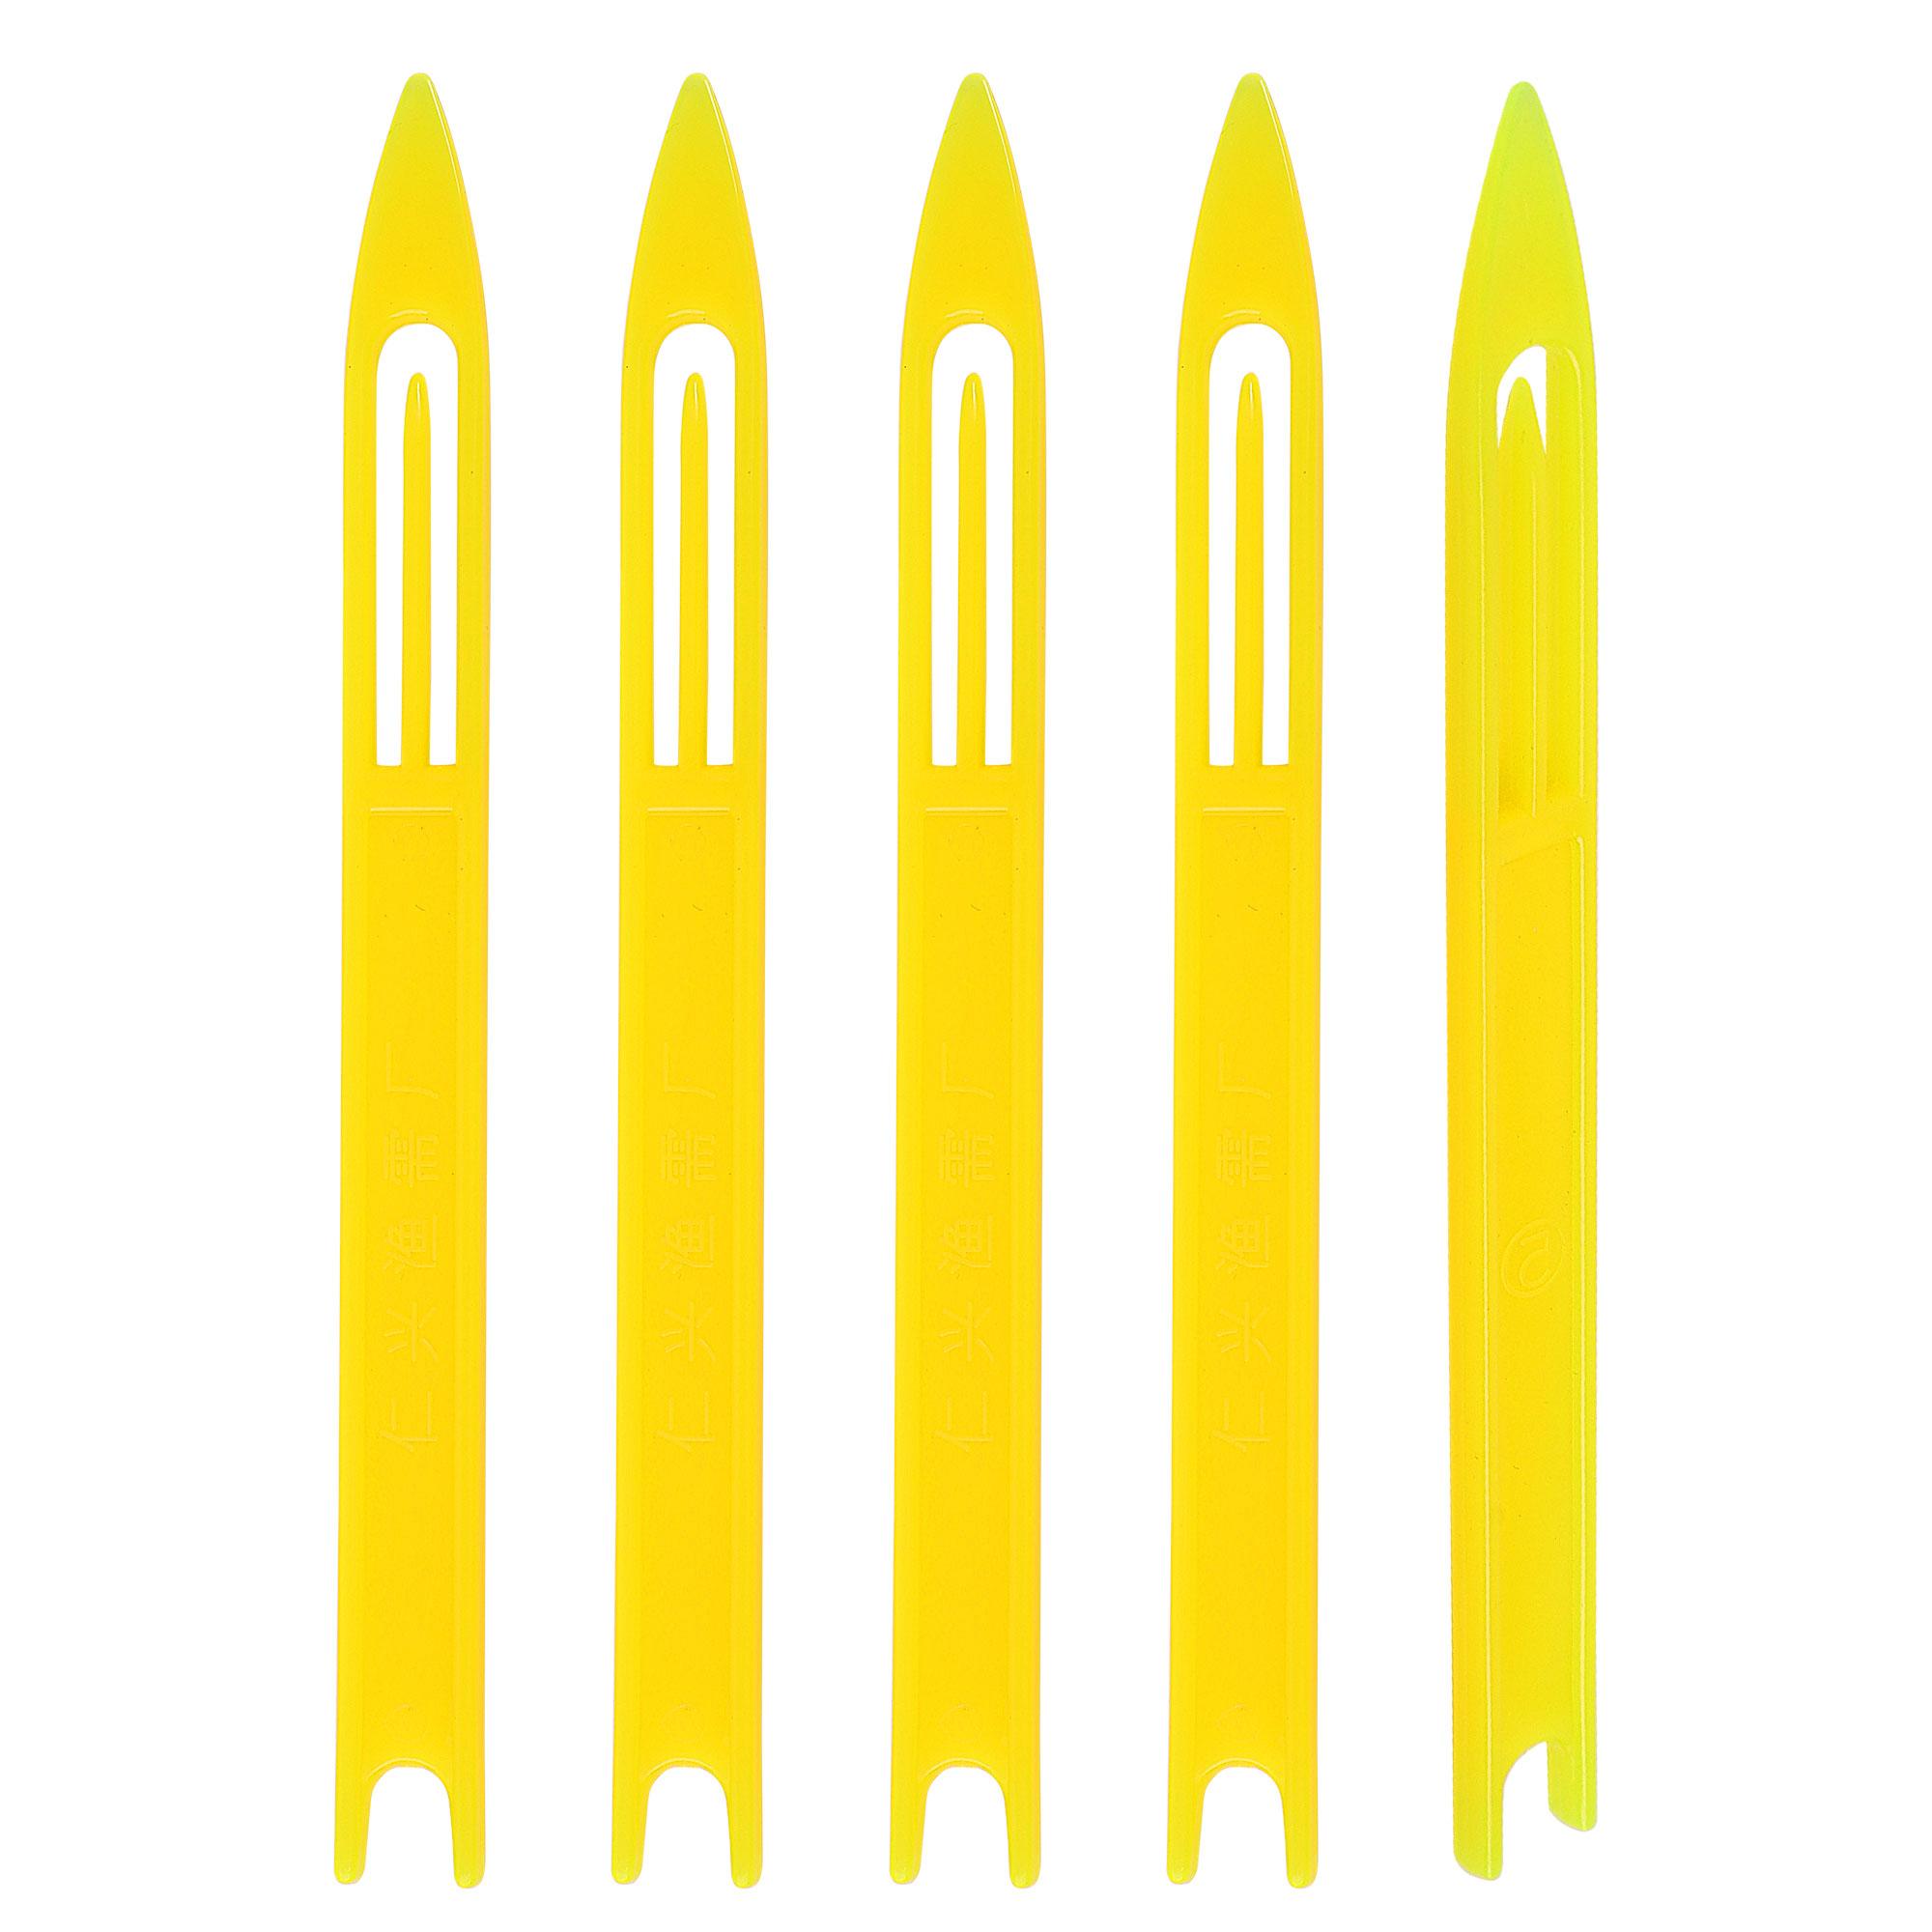 Fishermen Plastic Fishing Net Repair Netting Needle Shuttles Yellow 5# 5 Pcs